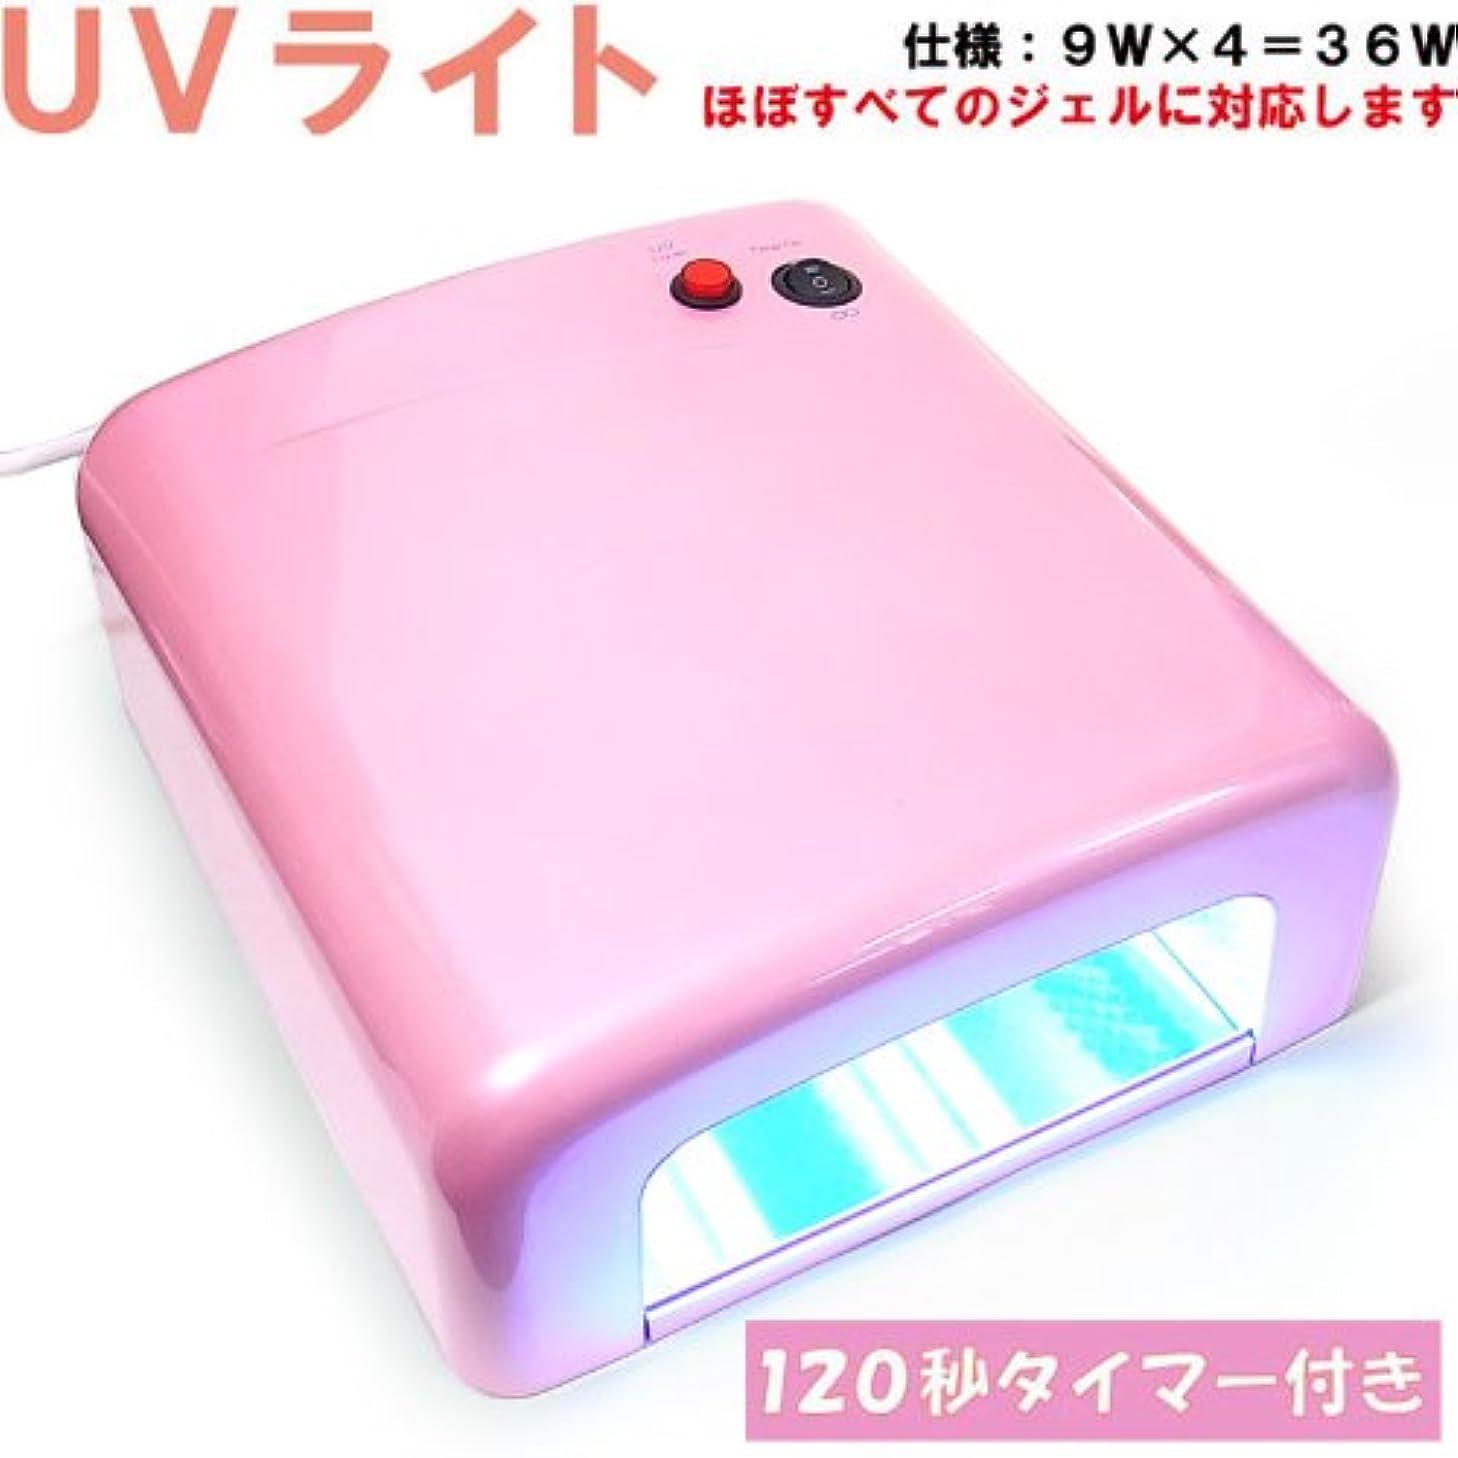 余分なに関して代わりのジェルネイル用UVライト36W(電球9W×4本付き)UVランプ【ピンク】